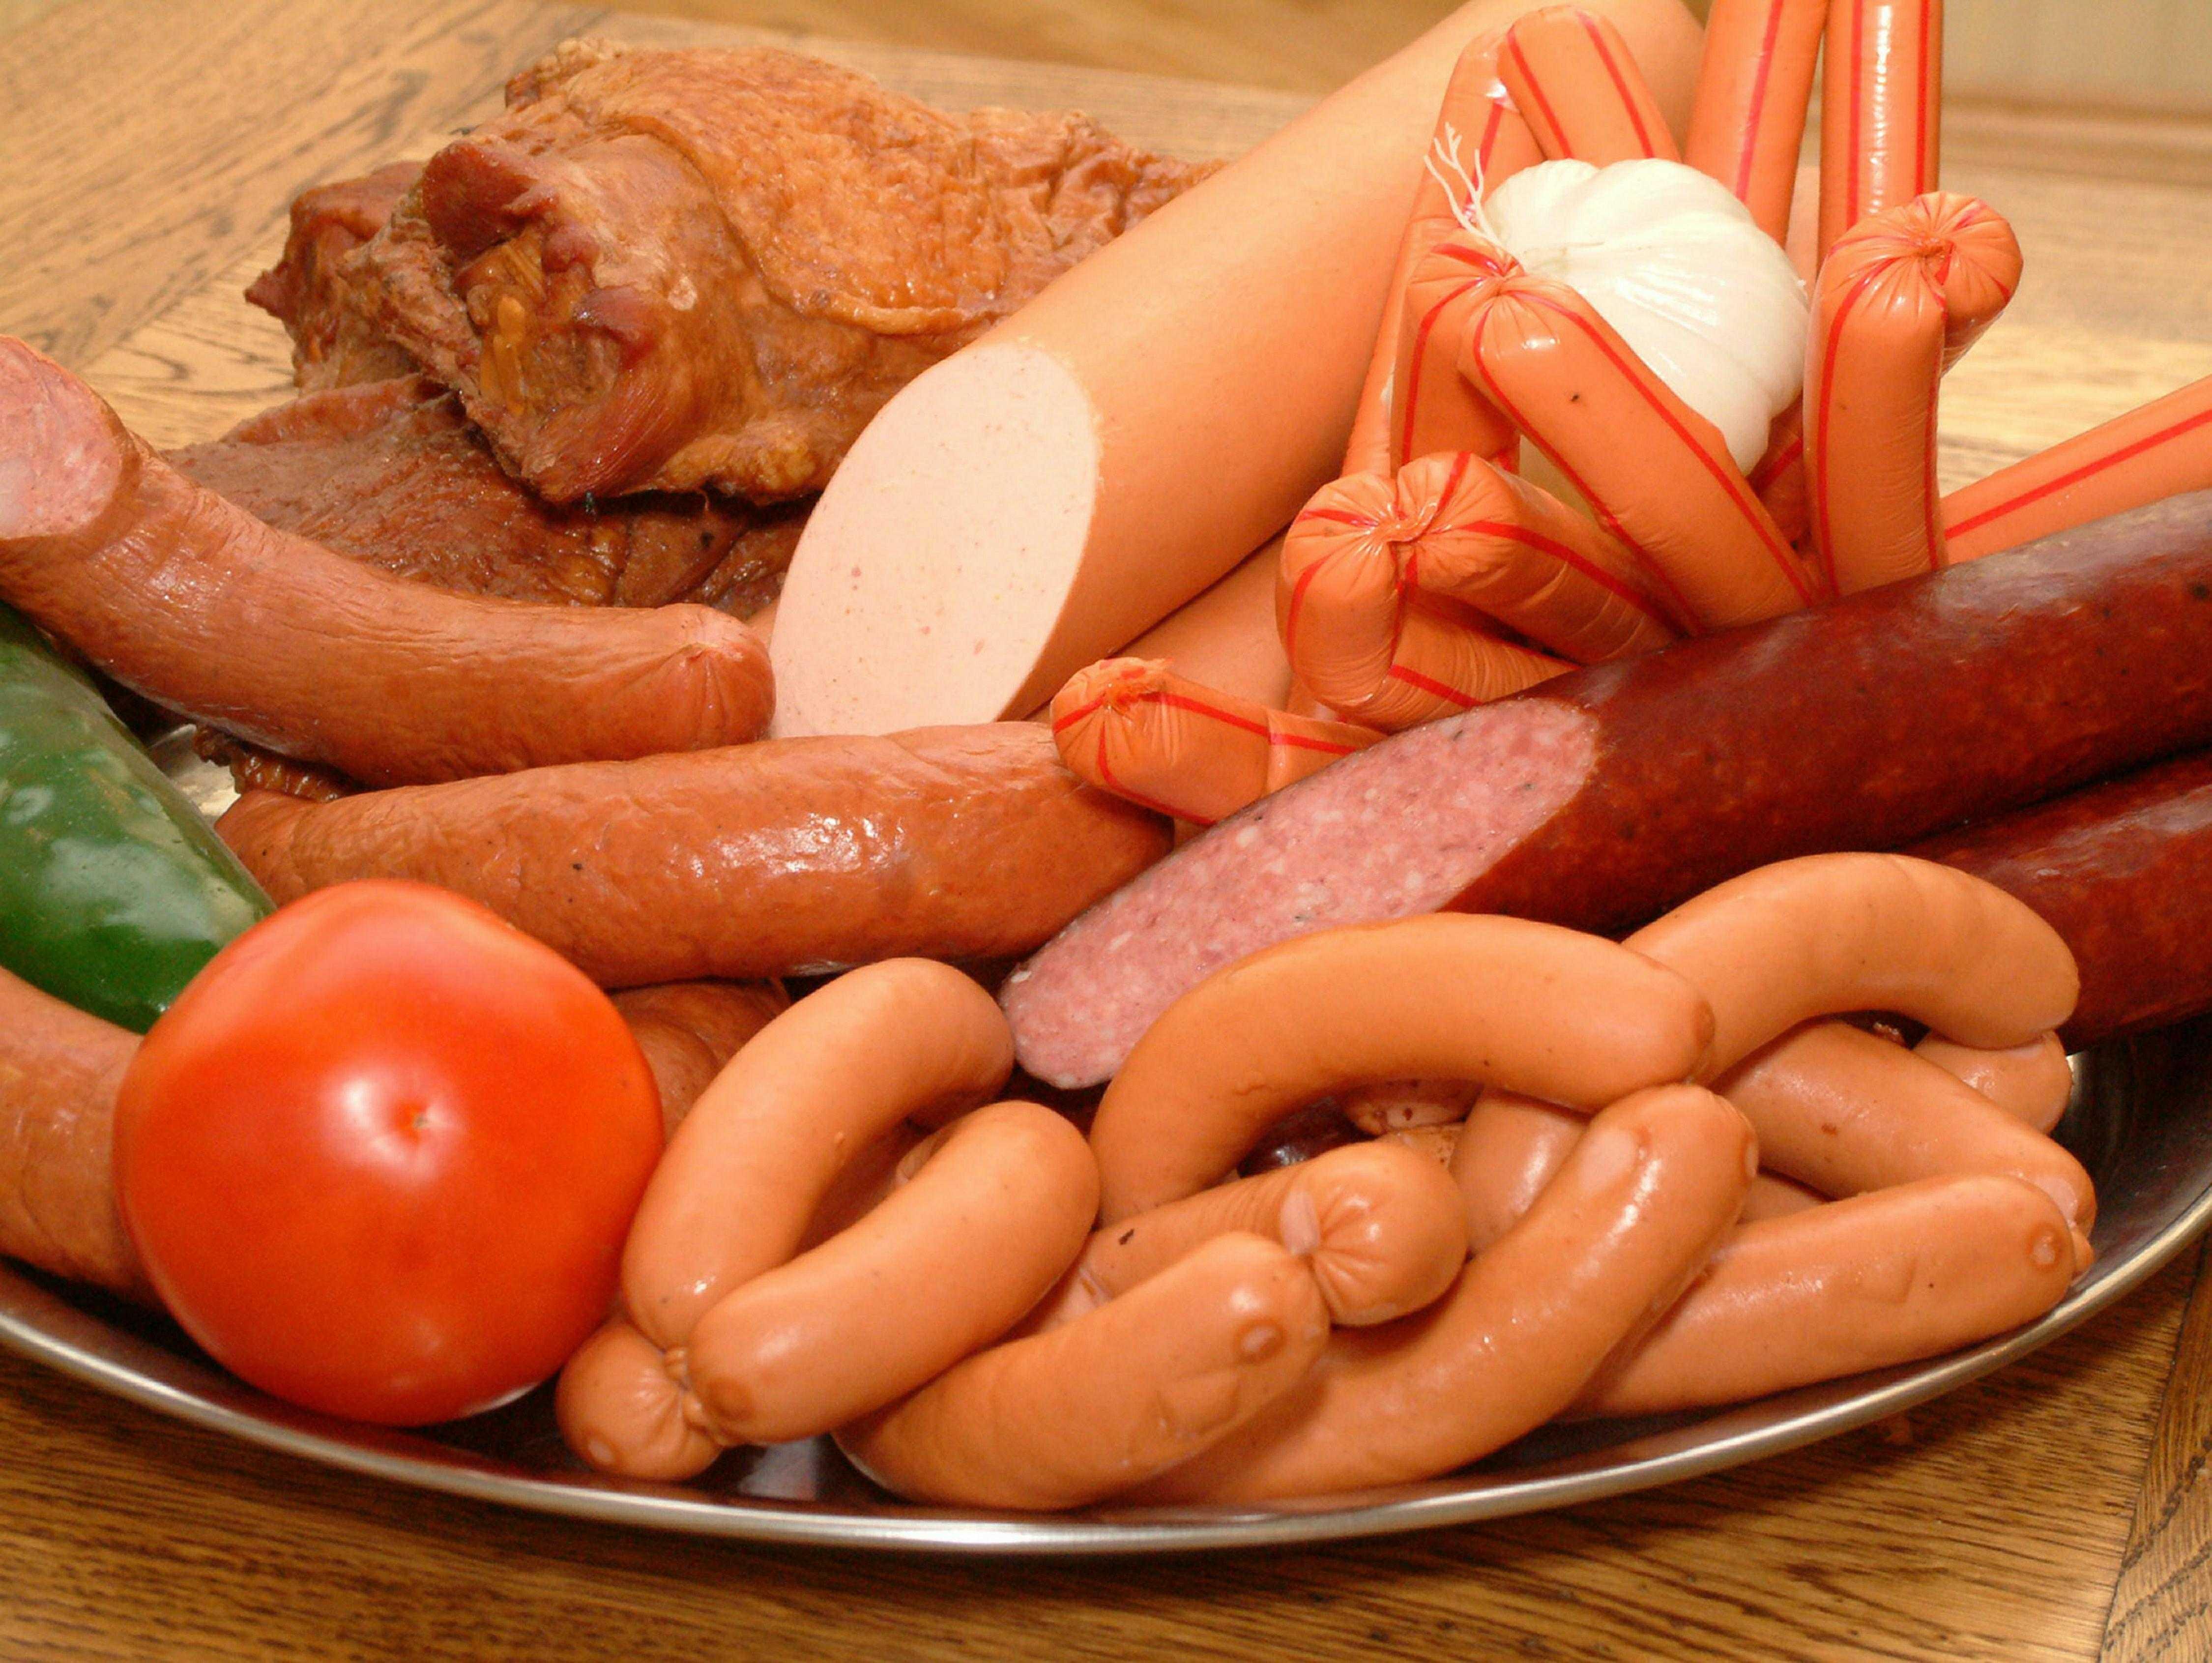 Самые вредные для здоровья виды мяса // нтв.ru